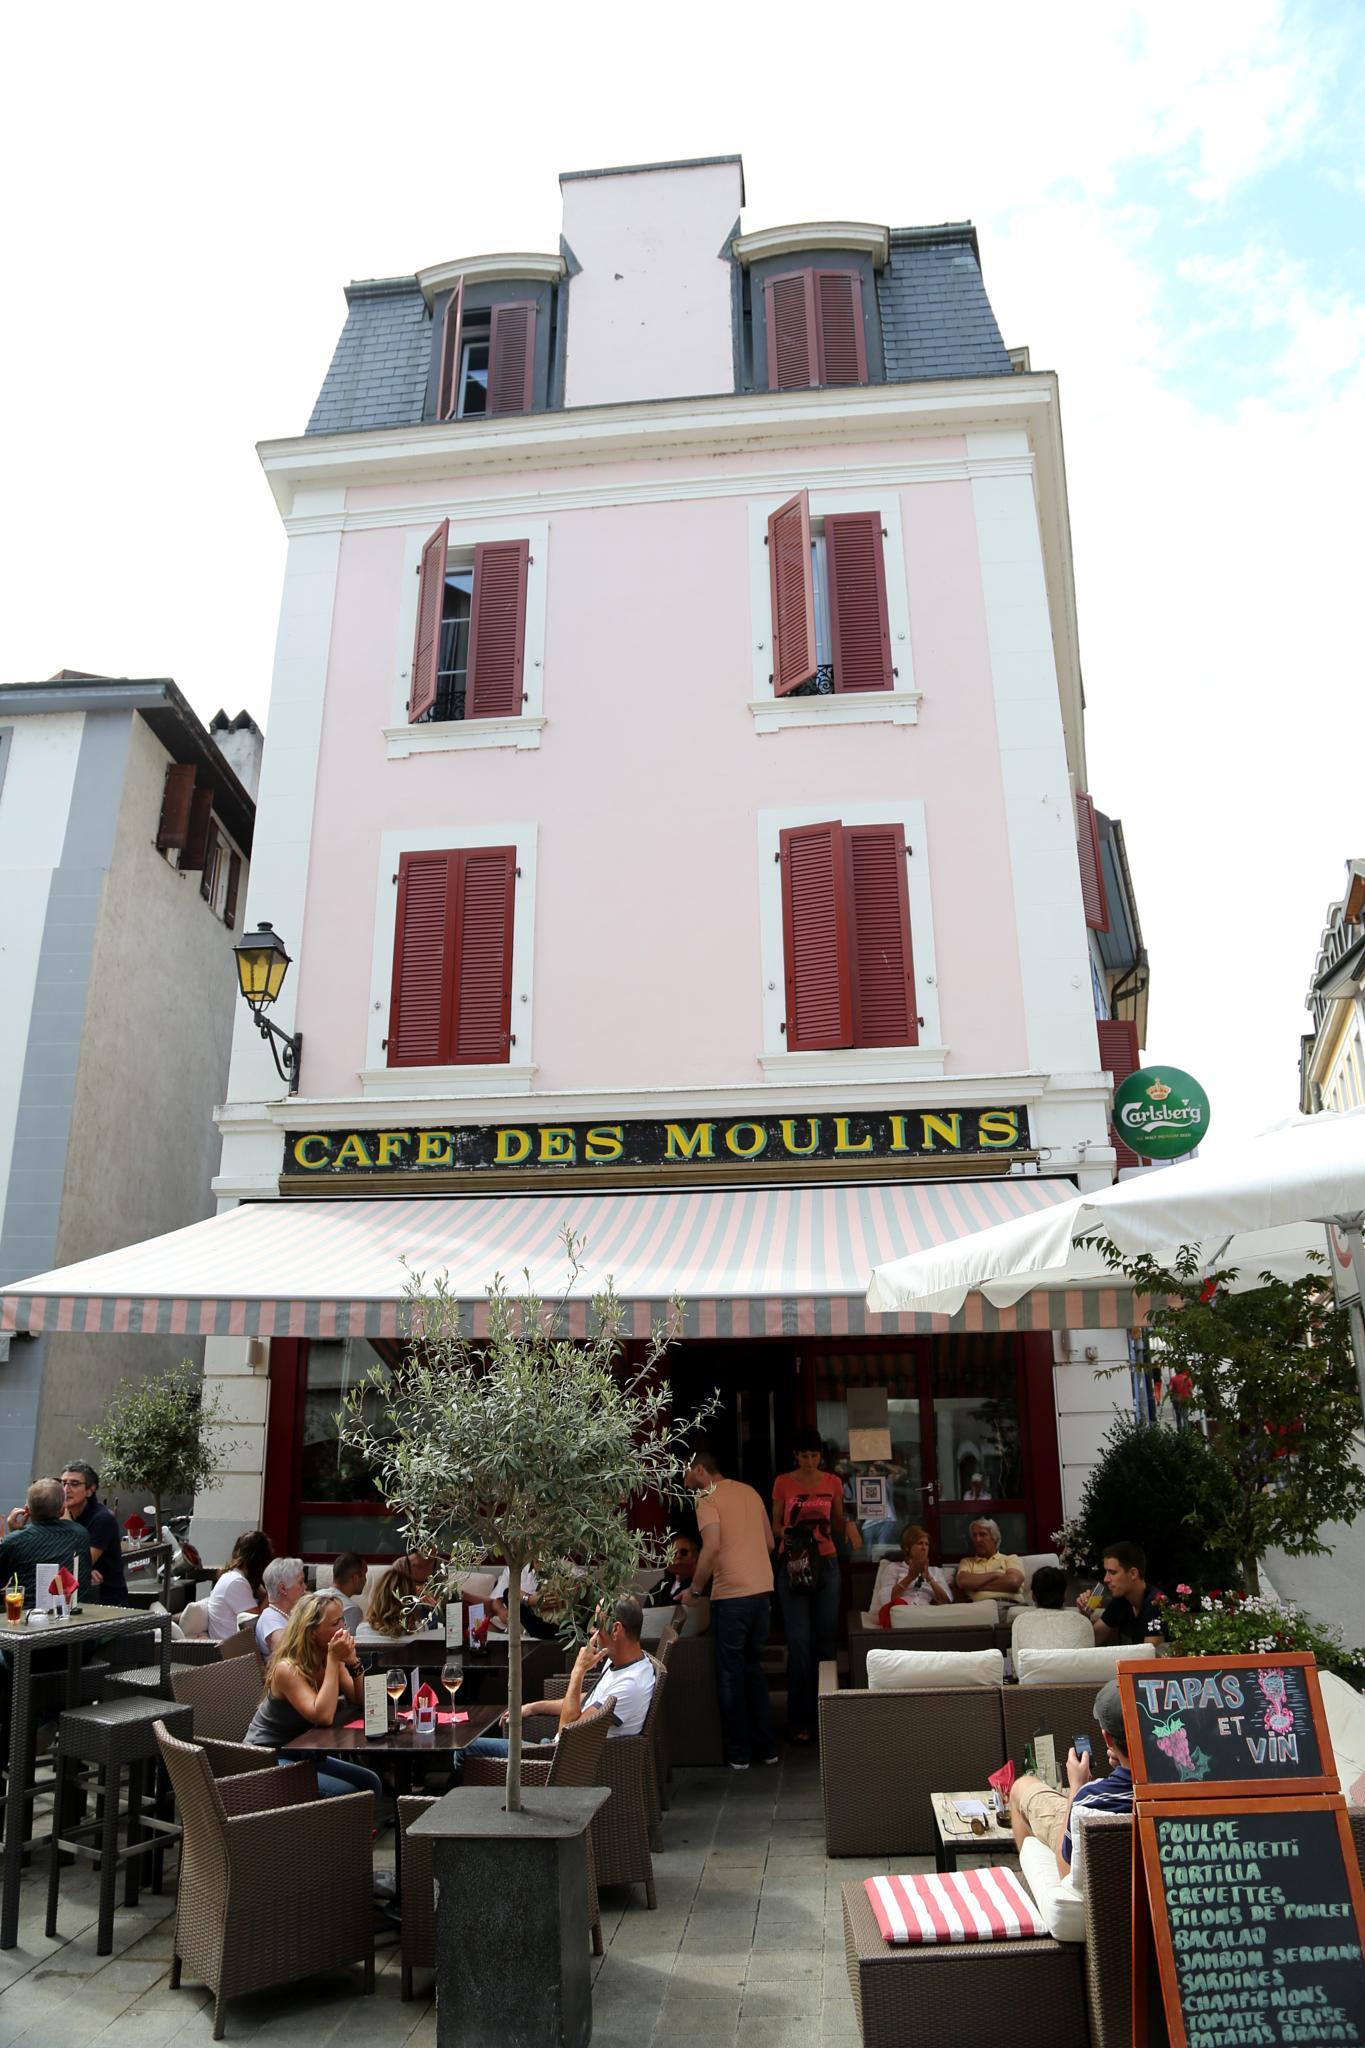 Cafe des Moulins by Atila_Yumusakkaya